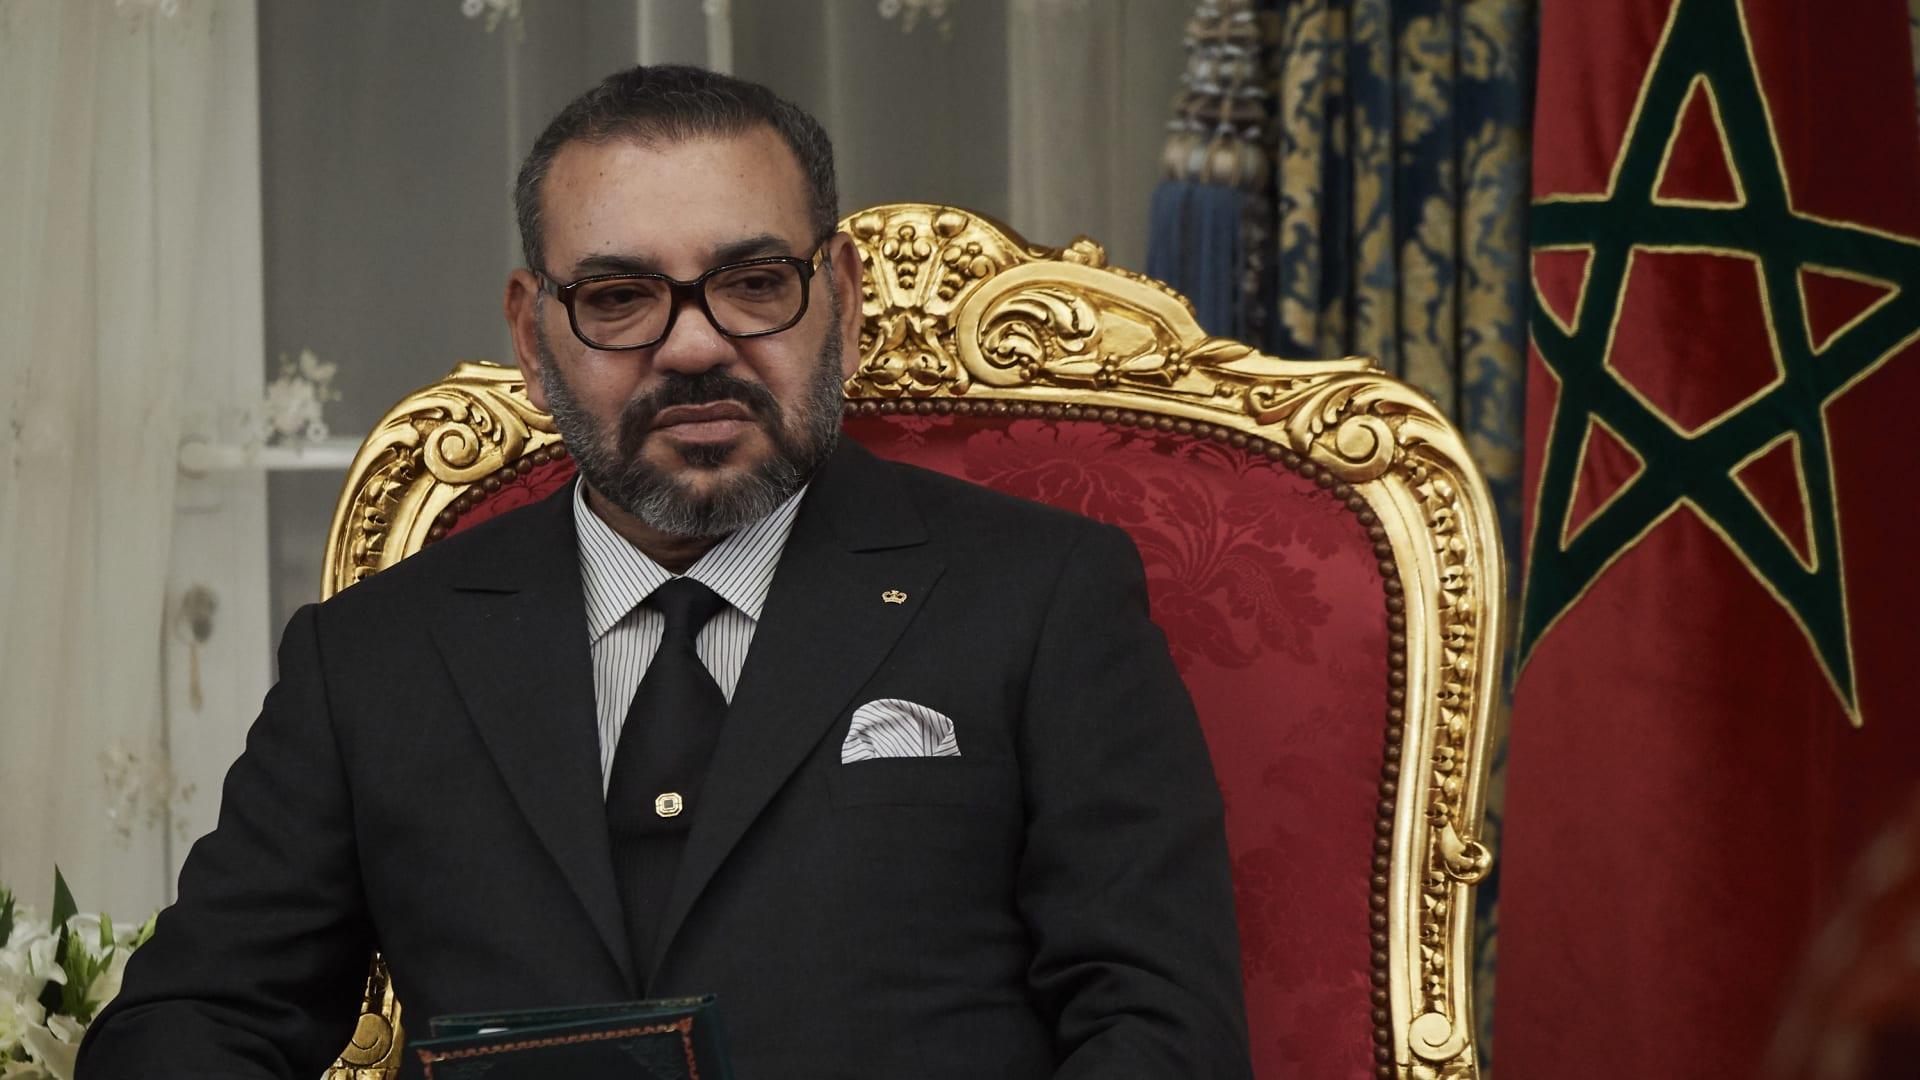 إسرائيل تنشر فيديو لقاء مائير بن شبات وملك المغرب.. والكشف عن موعد افتتاح سفارة الرباط